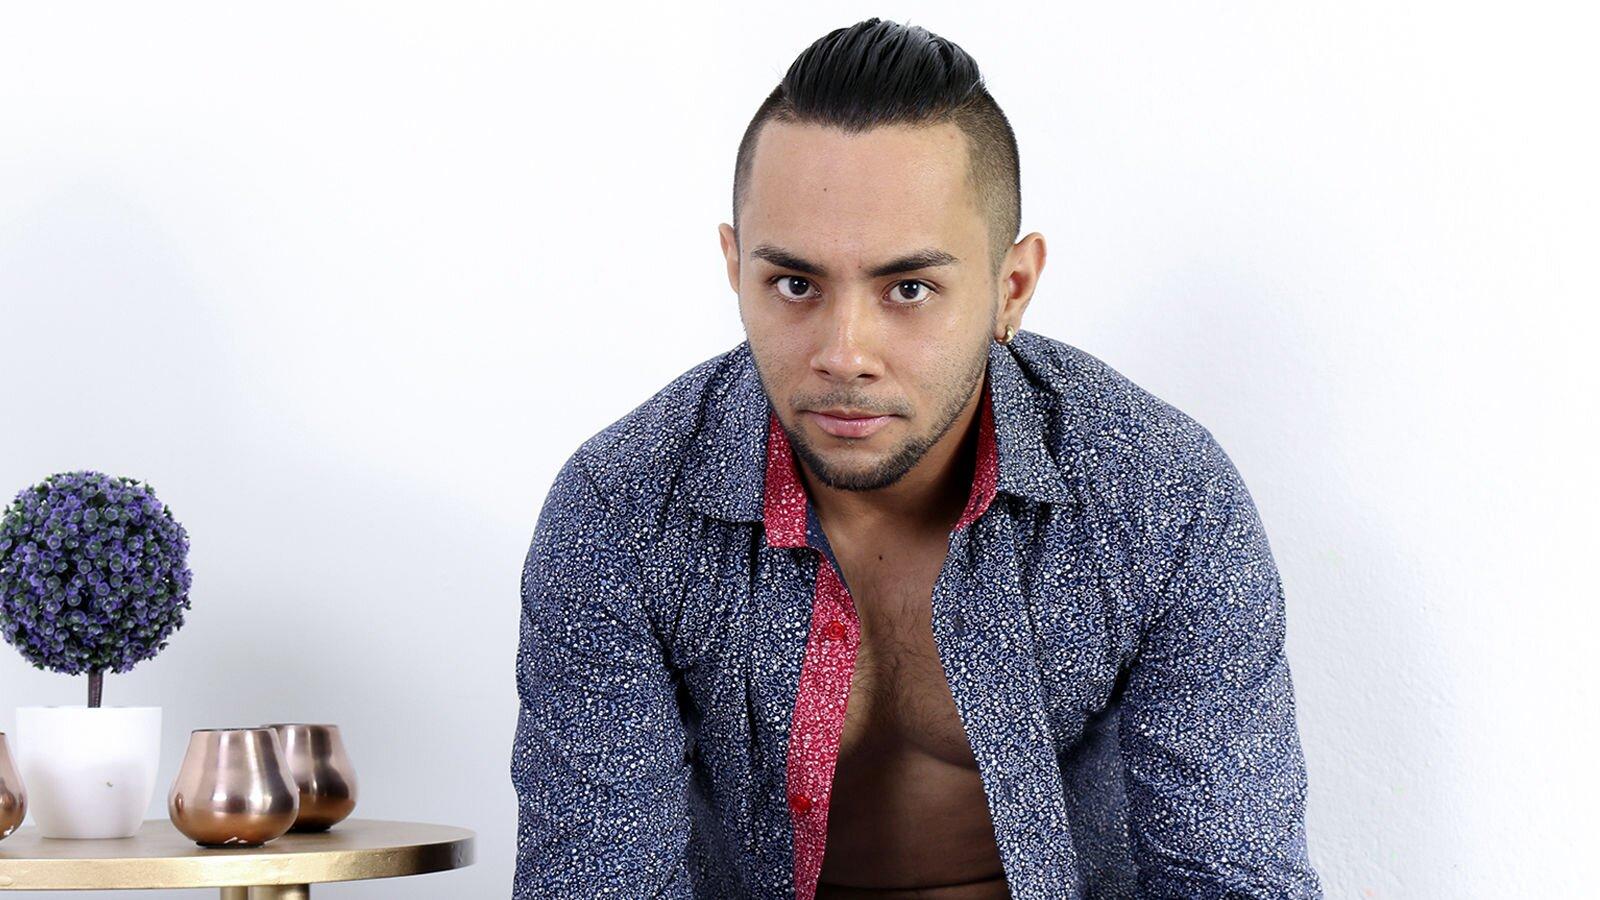 AlejandroDelToro